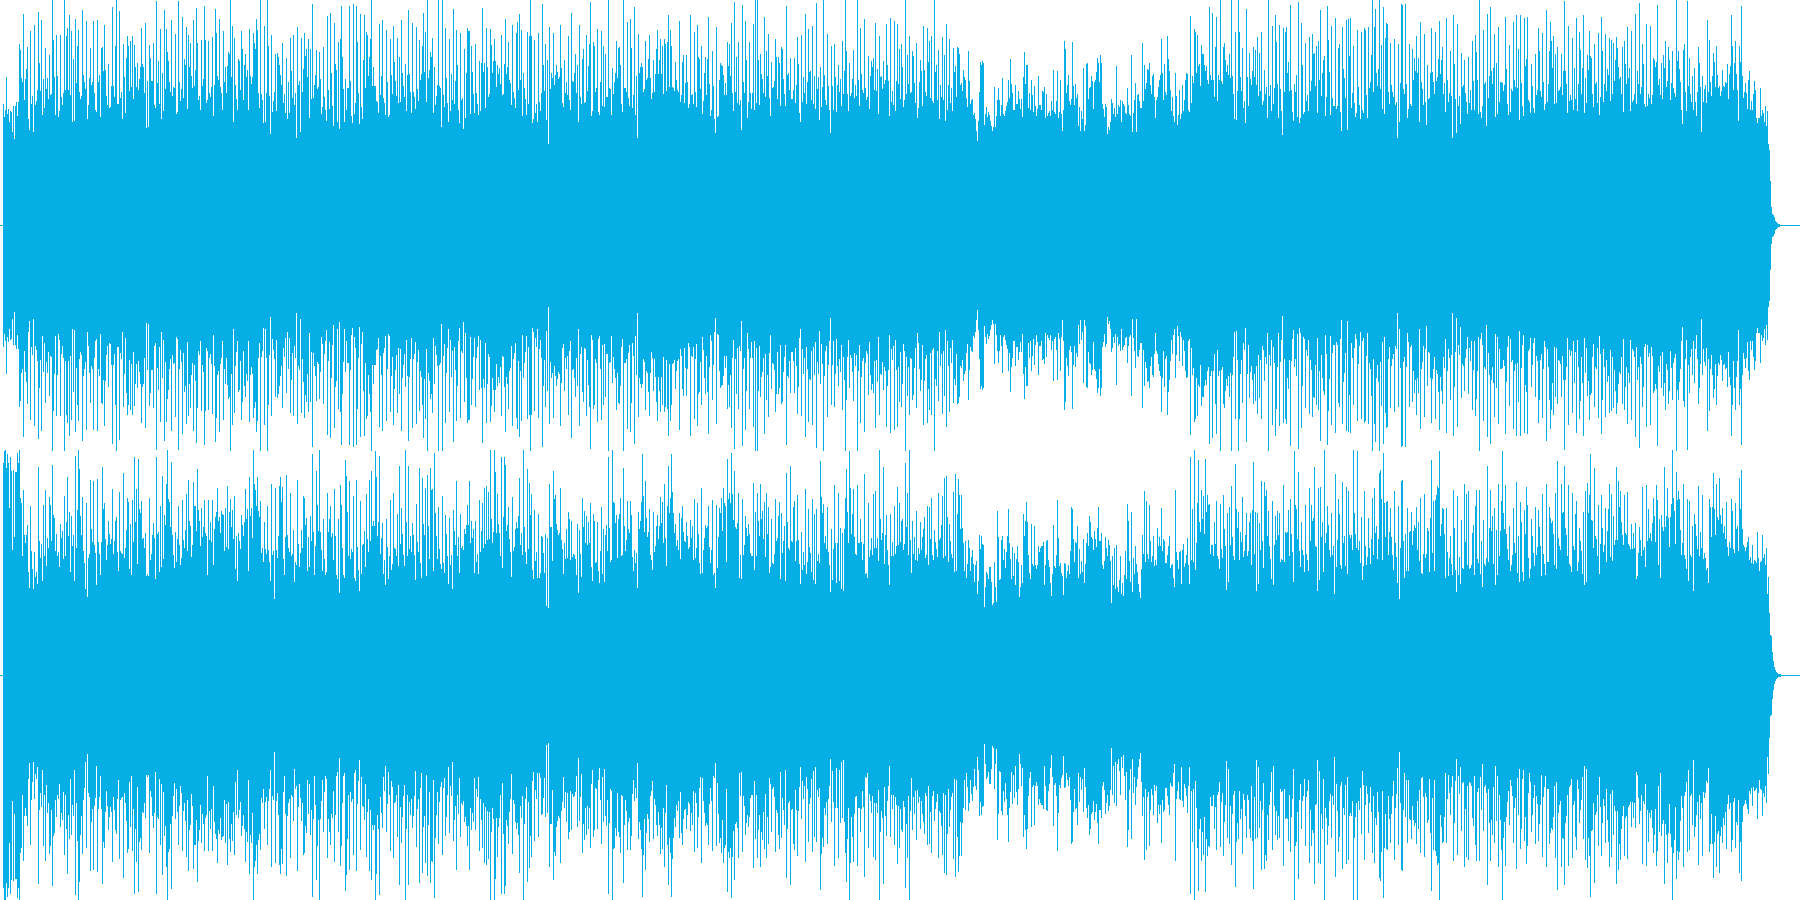 テーマパークショー風シンセやギター曲の再生済みの波形